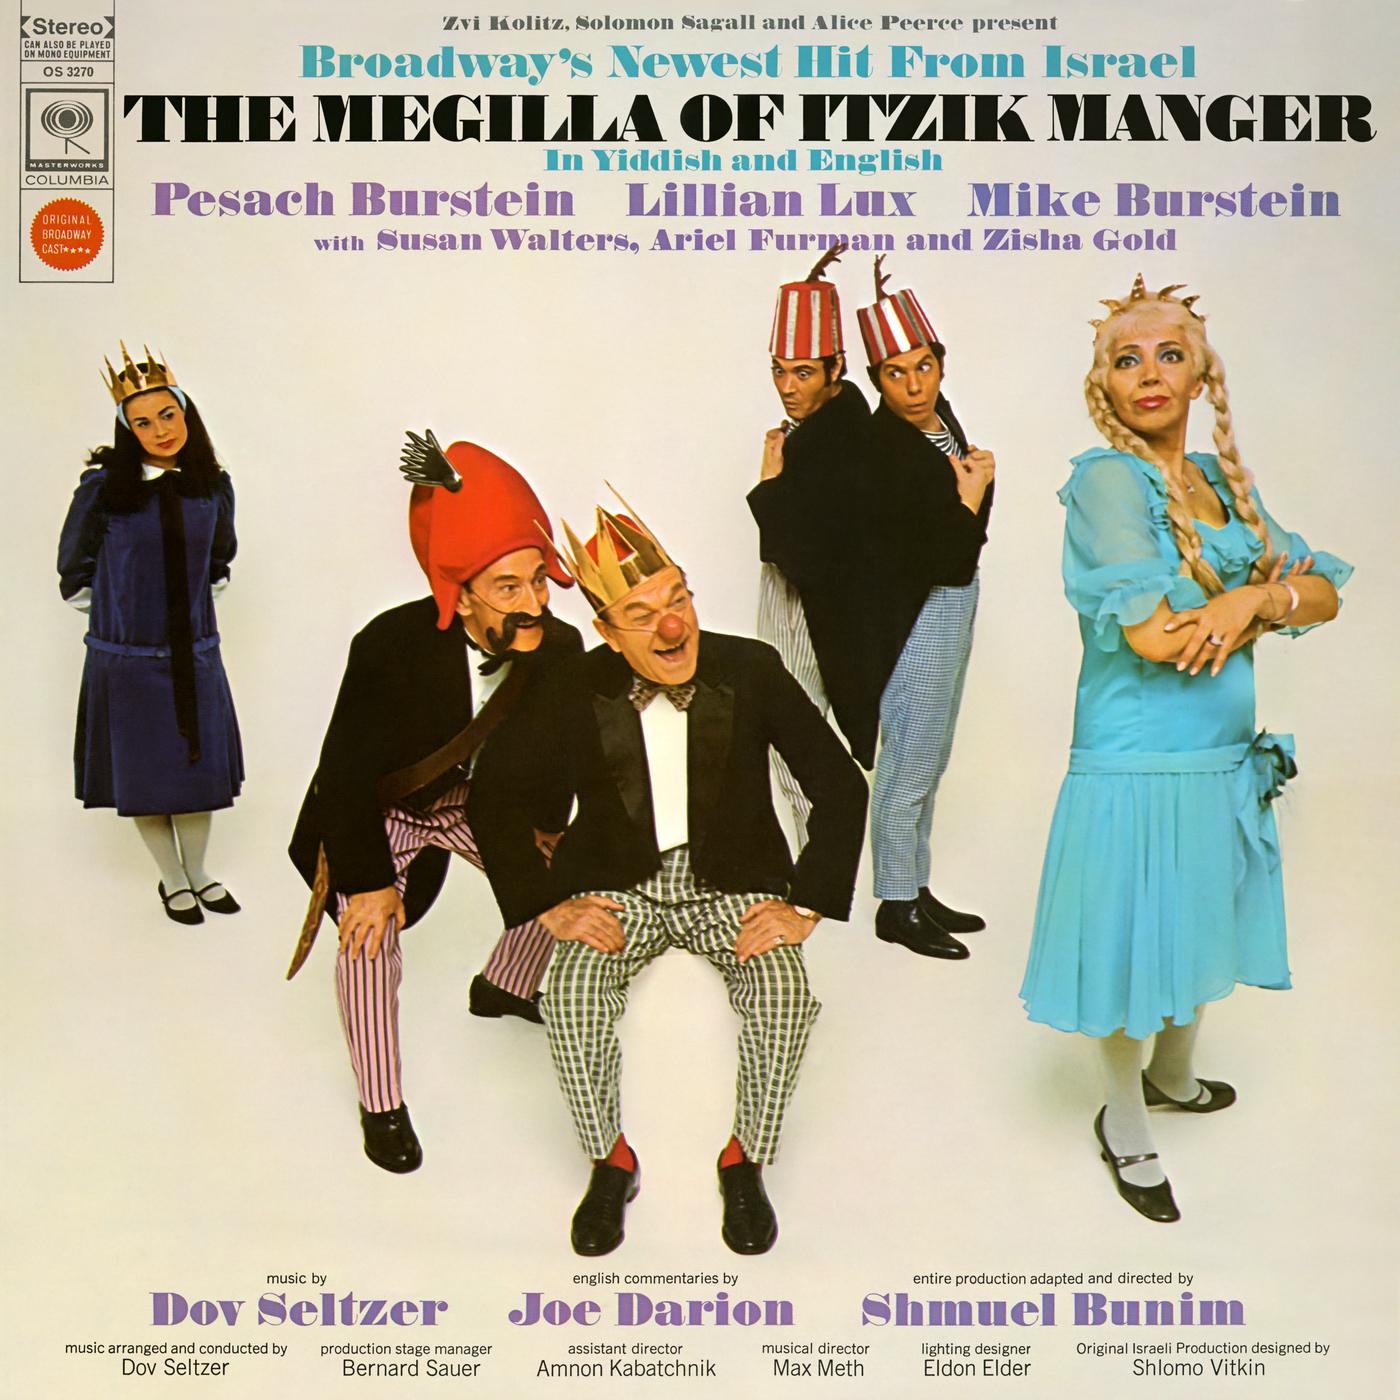 The Megilla of Itzik Manger (Original Broadway Cast) - Itzik Manger